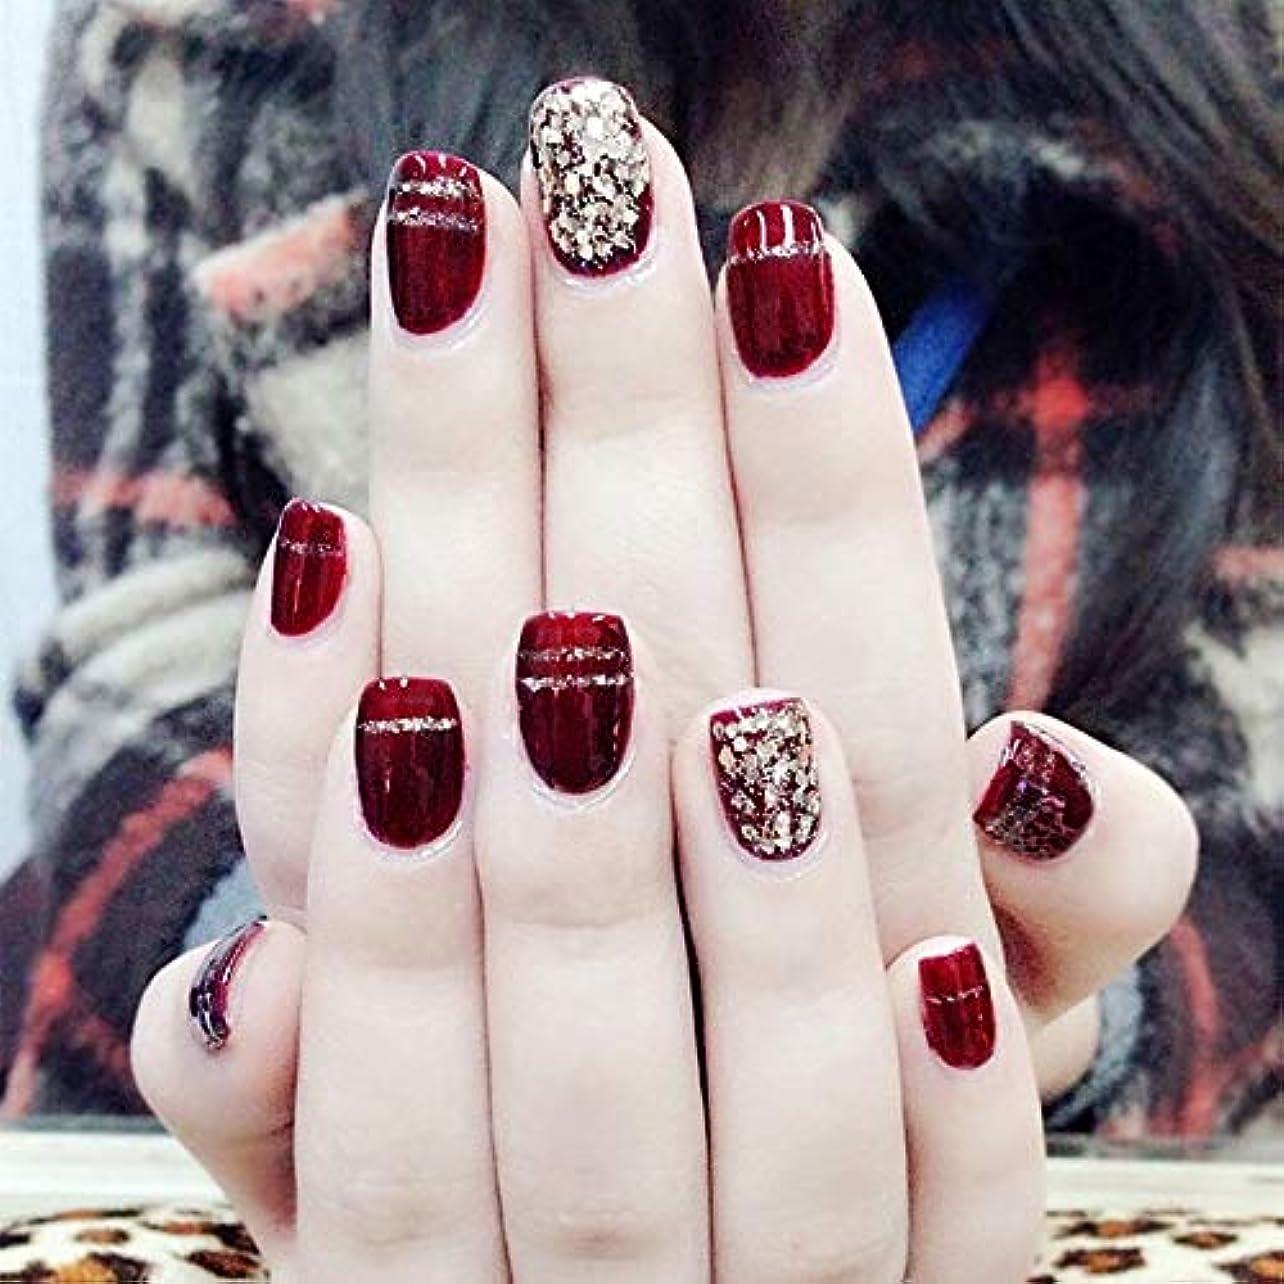 ゆるい句反逆者XUTXZKA ファッションワインレッド偽爪24ピースショートオーバルスパンコールの装飾フェイク人工爪のヒントステッカー